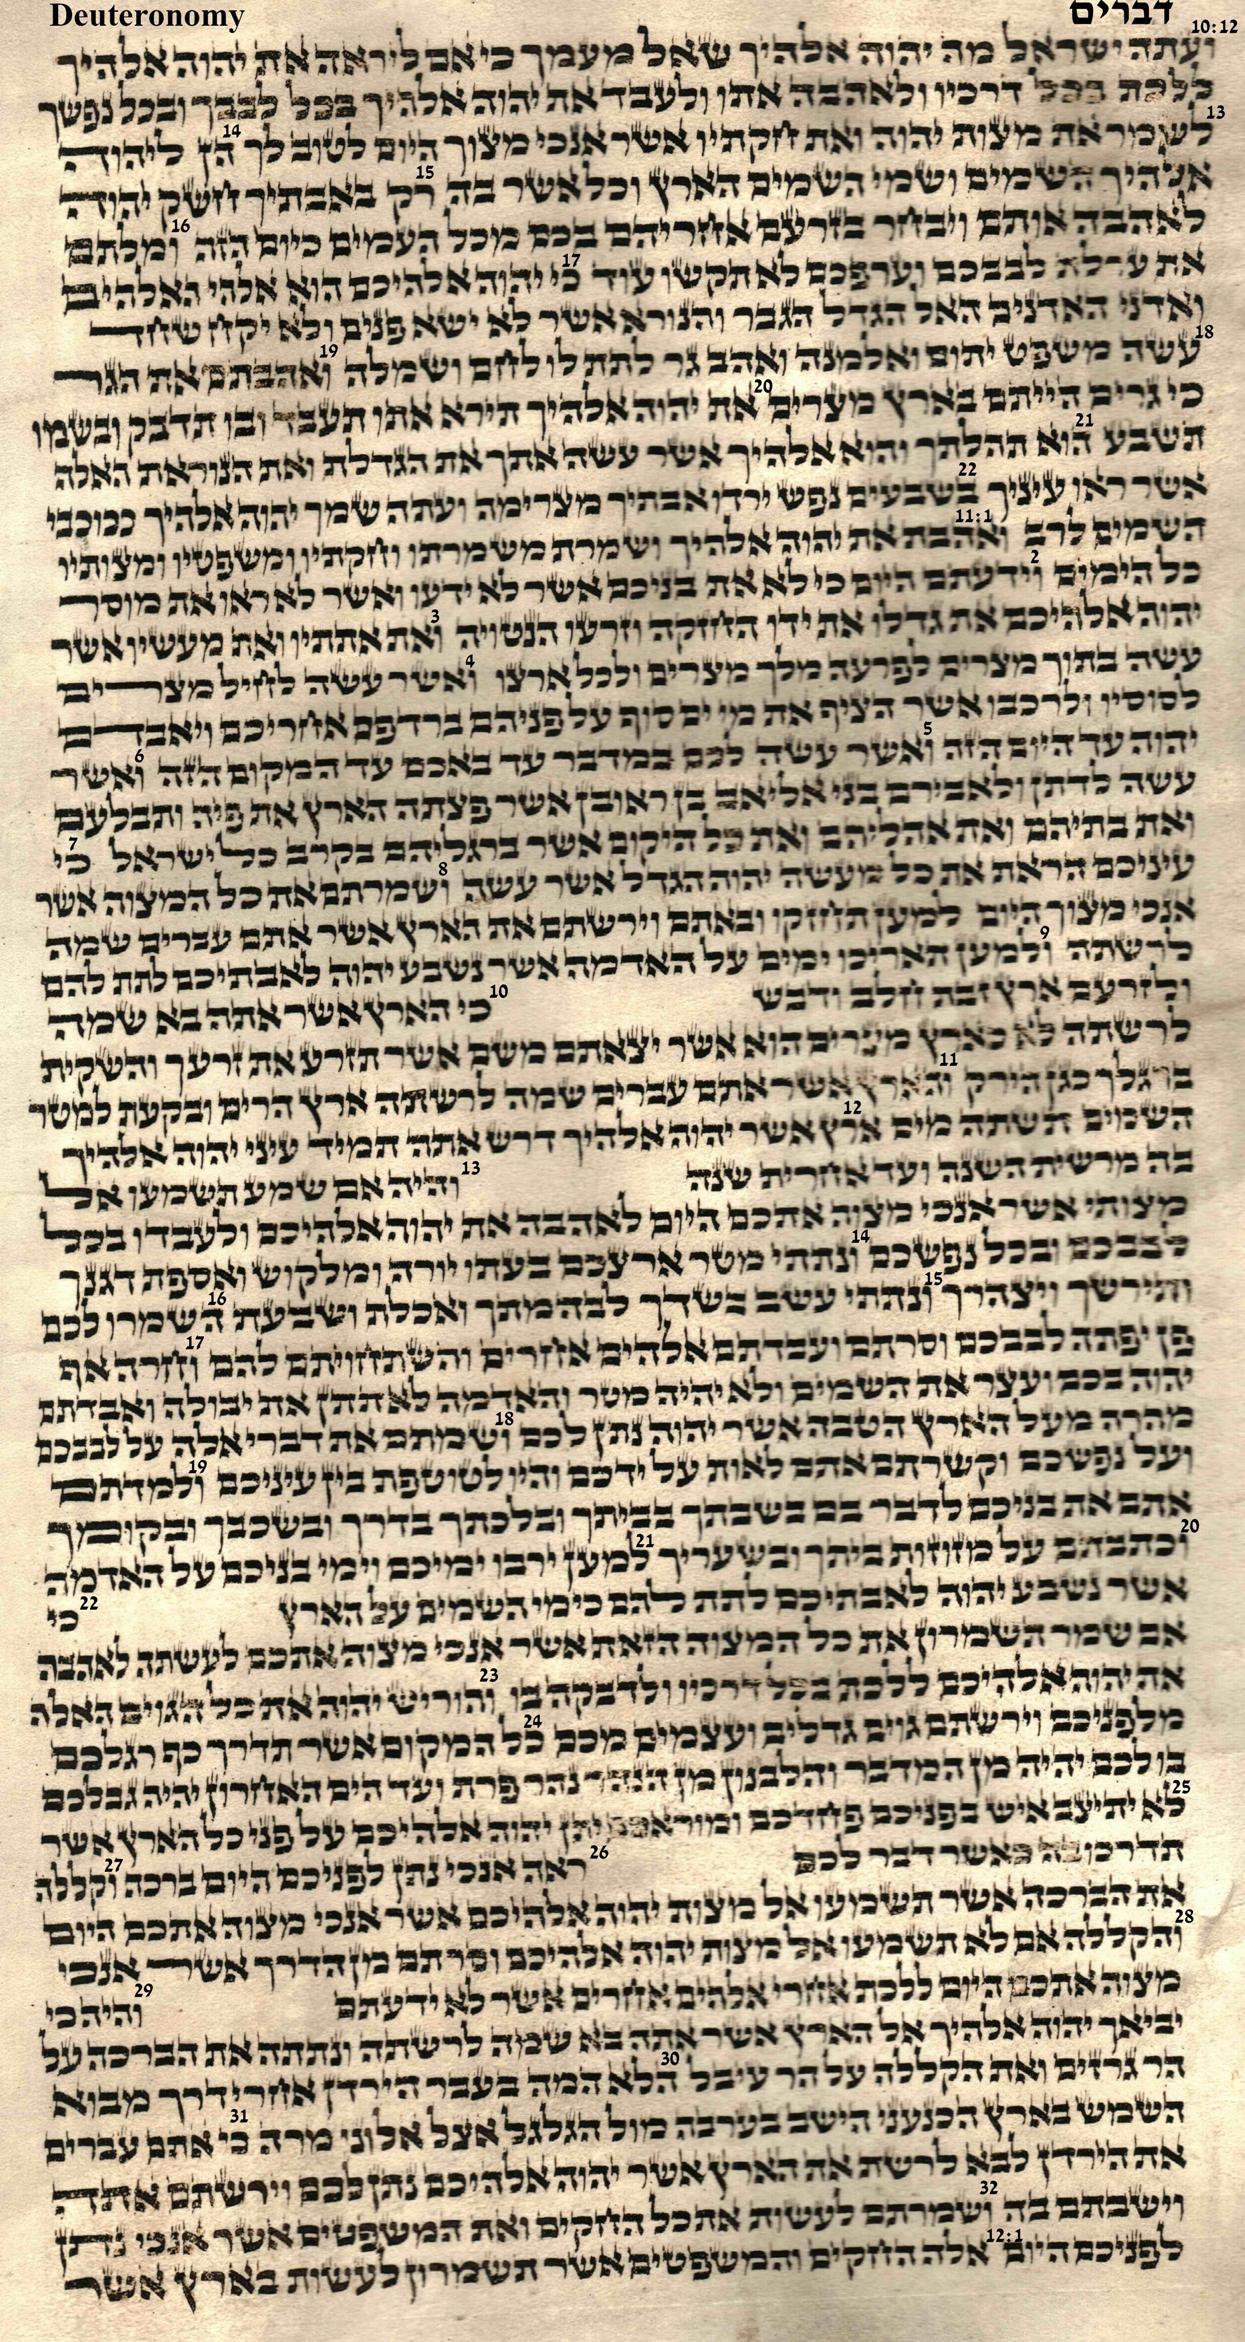 Deuteronomy 10.12 - 12.1